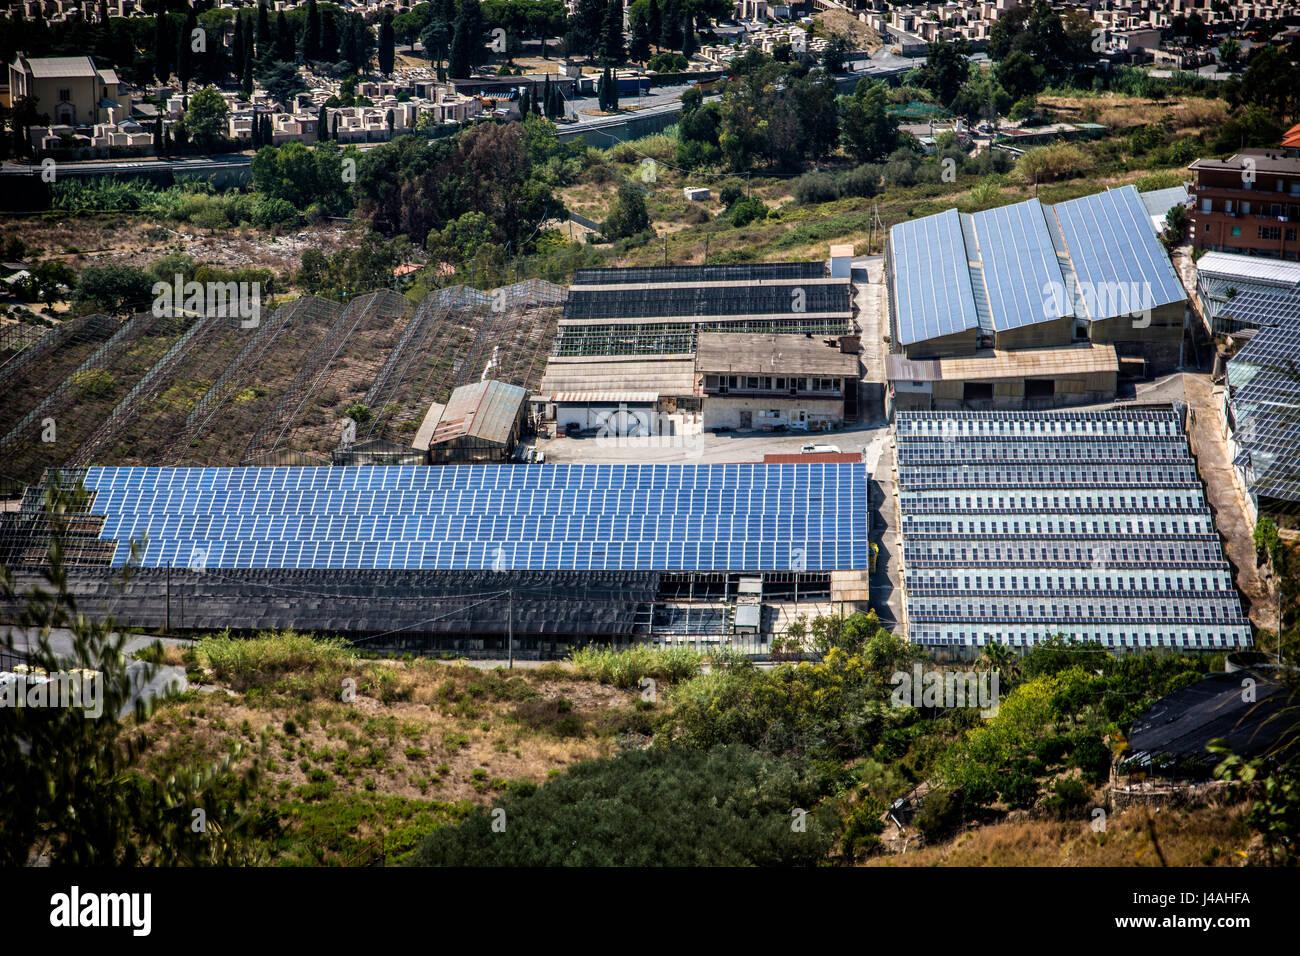 Gases de efecto invernadero y fábrica con paneles solares en el techo Imagen De Stock